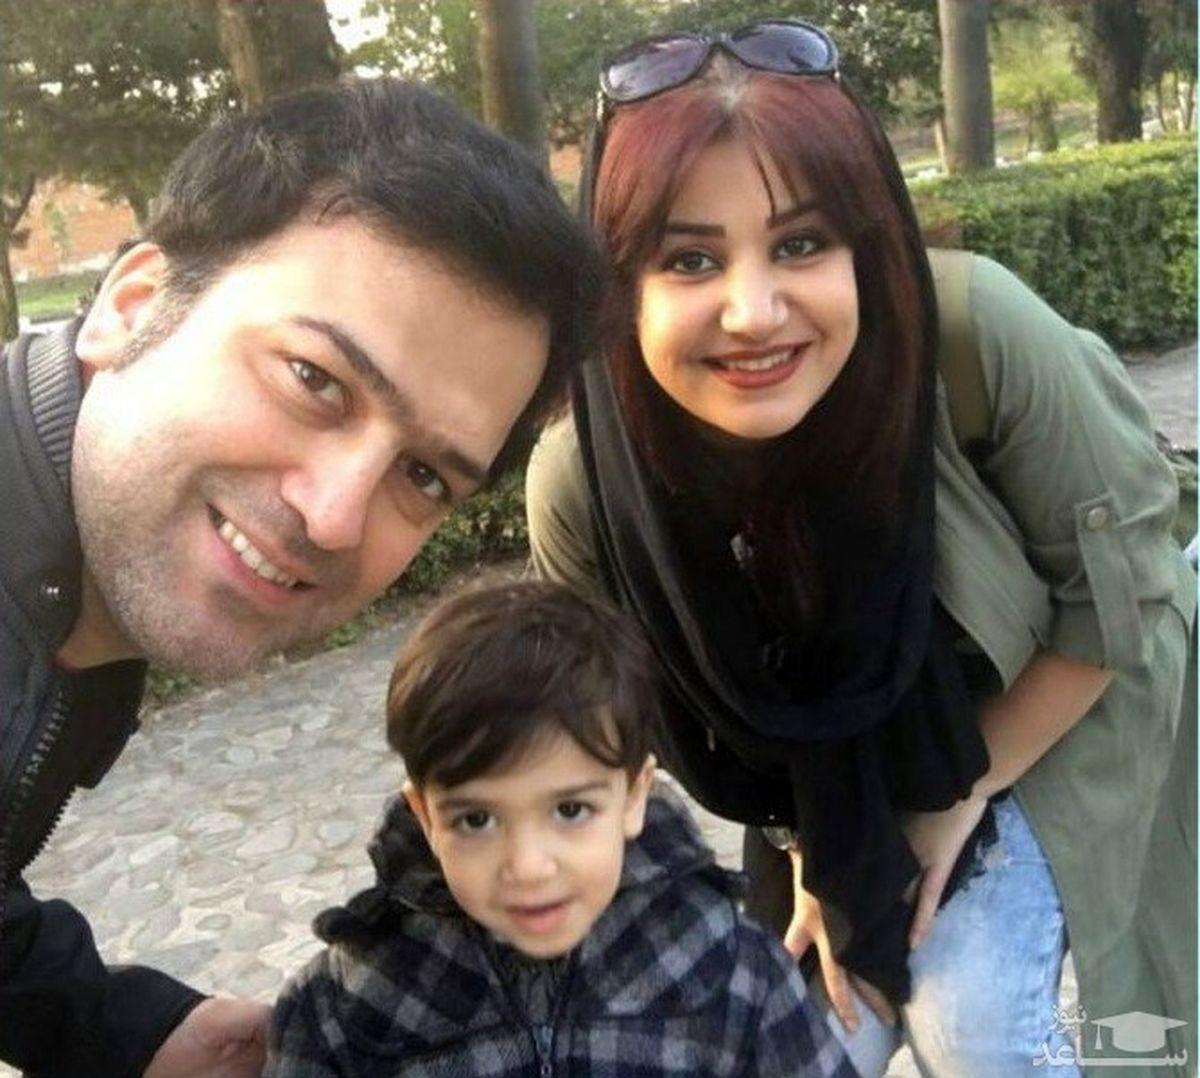 حامد آهنگی از همسرش رونمایی کرد +عکس پسرش